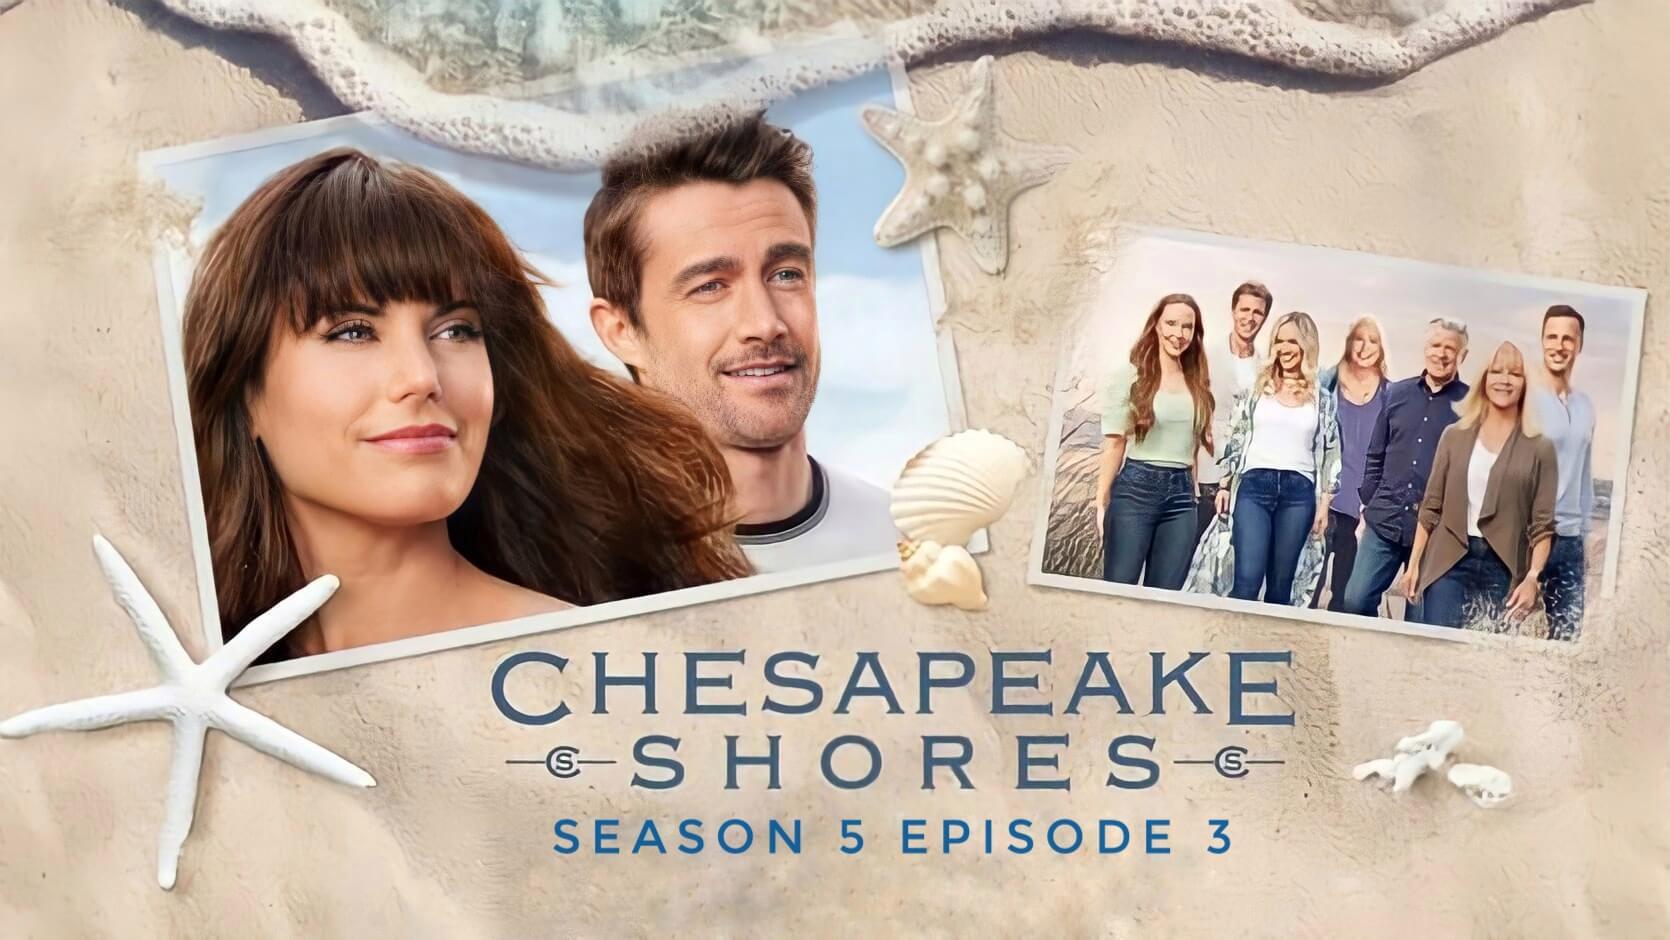 Chesapeake Shores season 5 episode 3 Release date